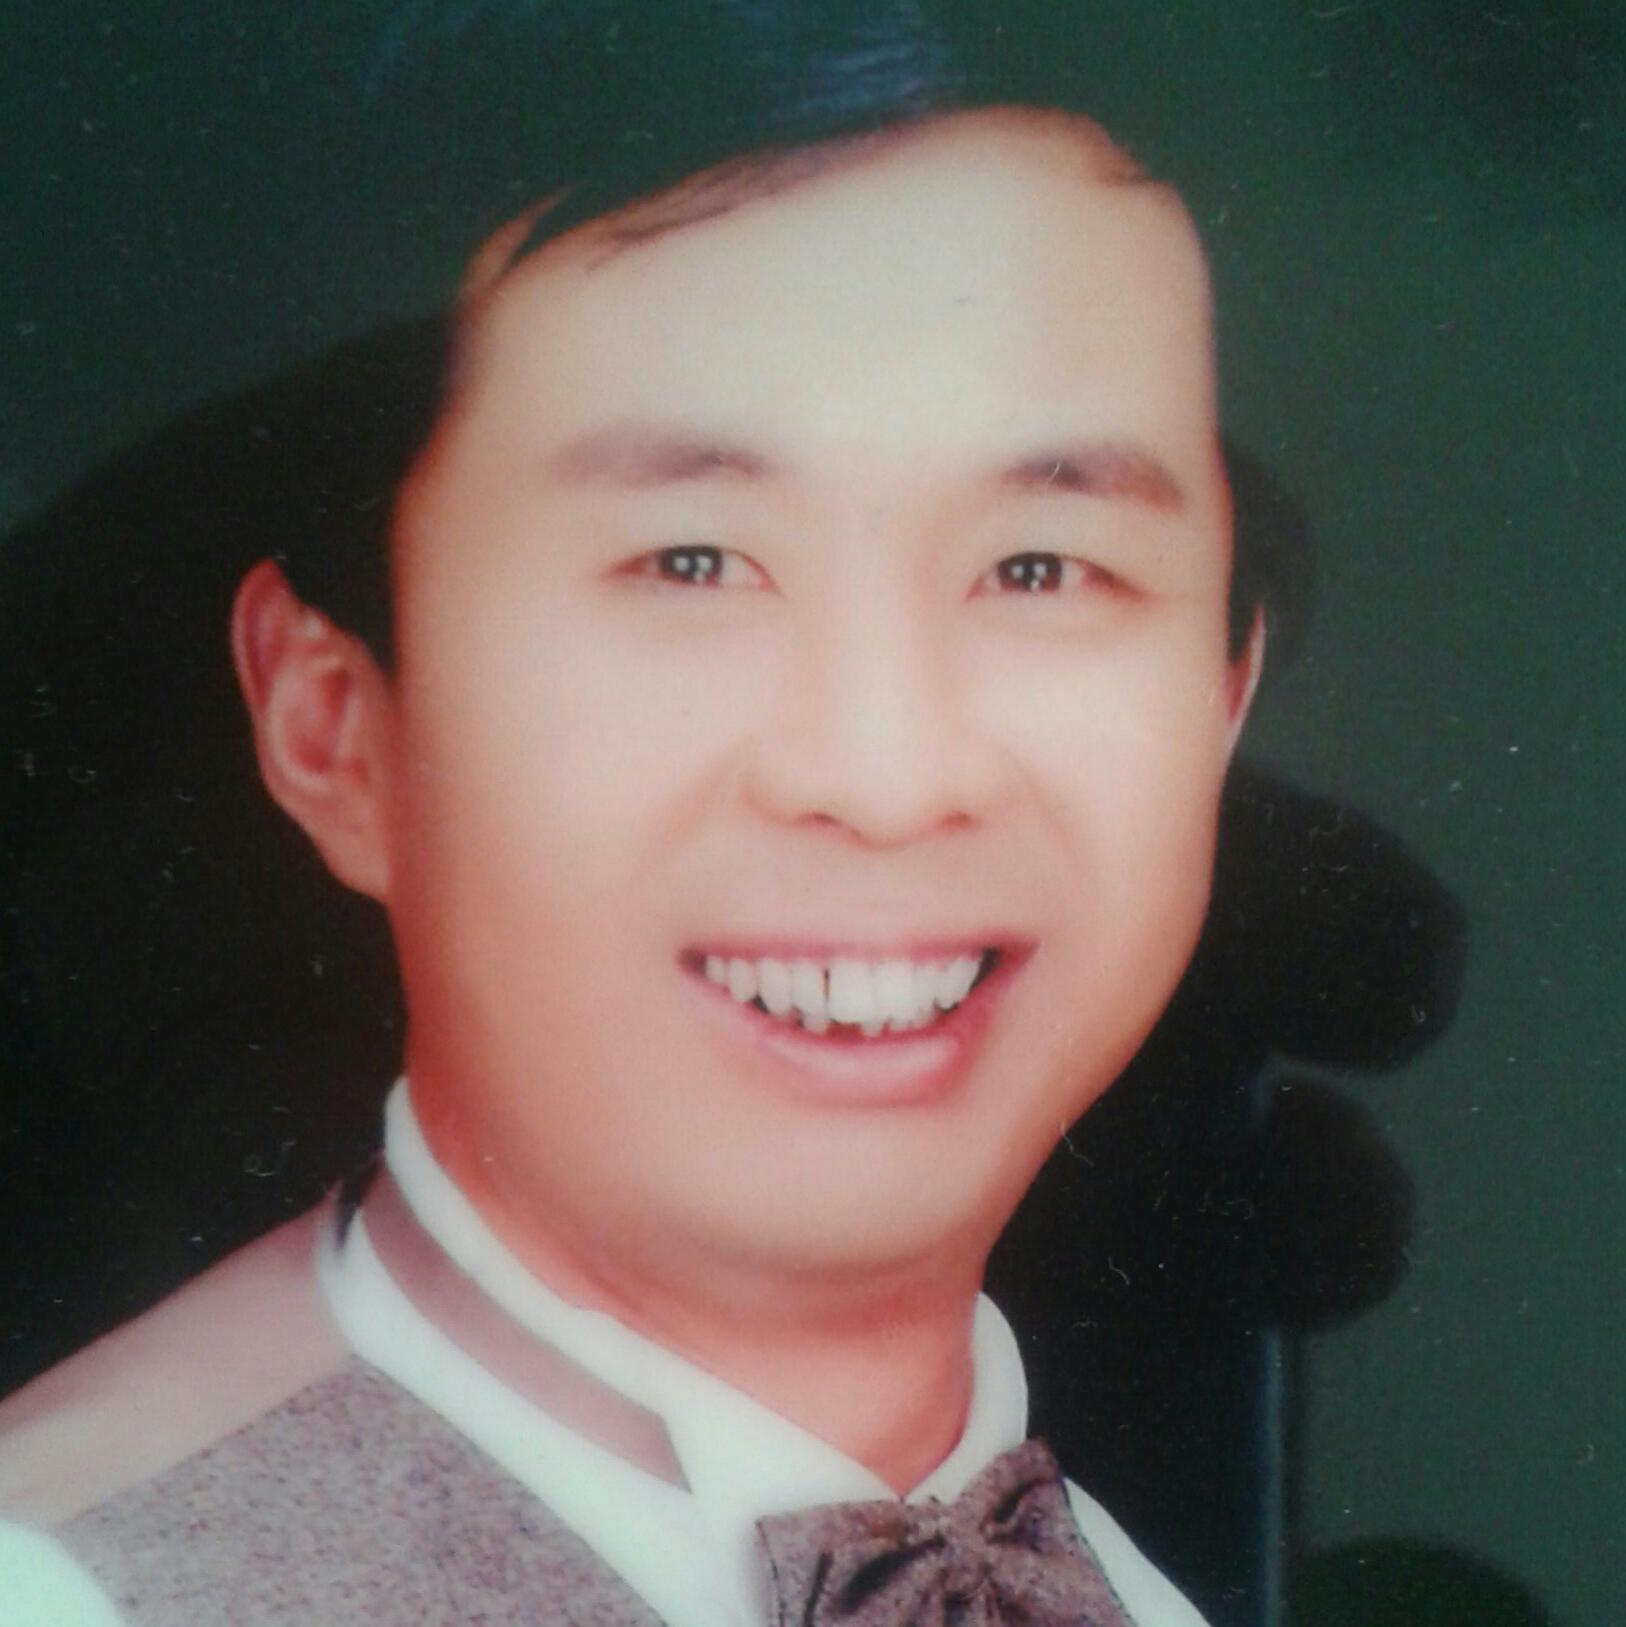 潍坊中煜新能源科技有限公司董事长宋修利照片